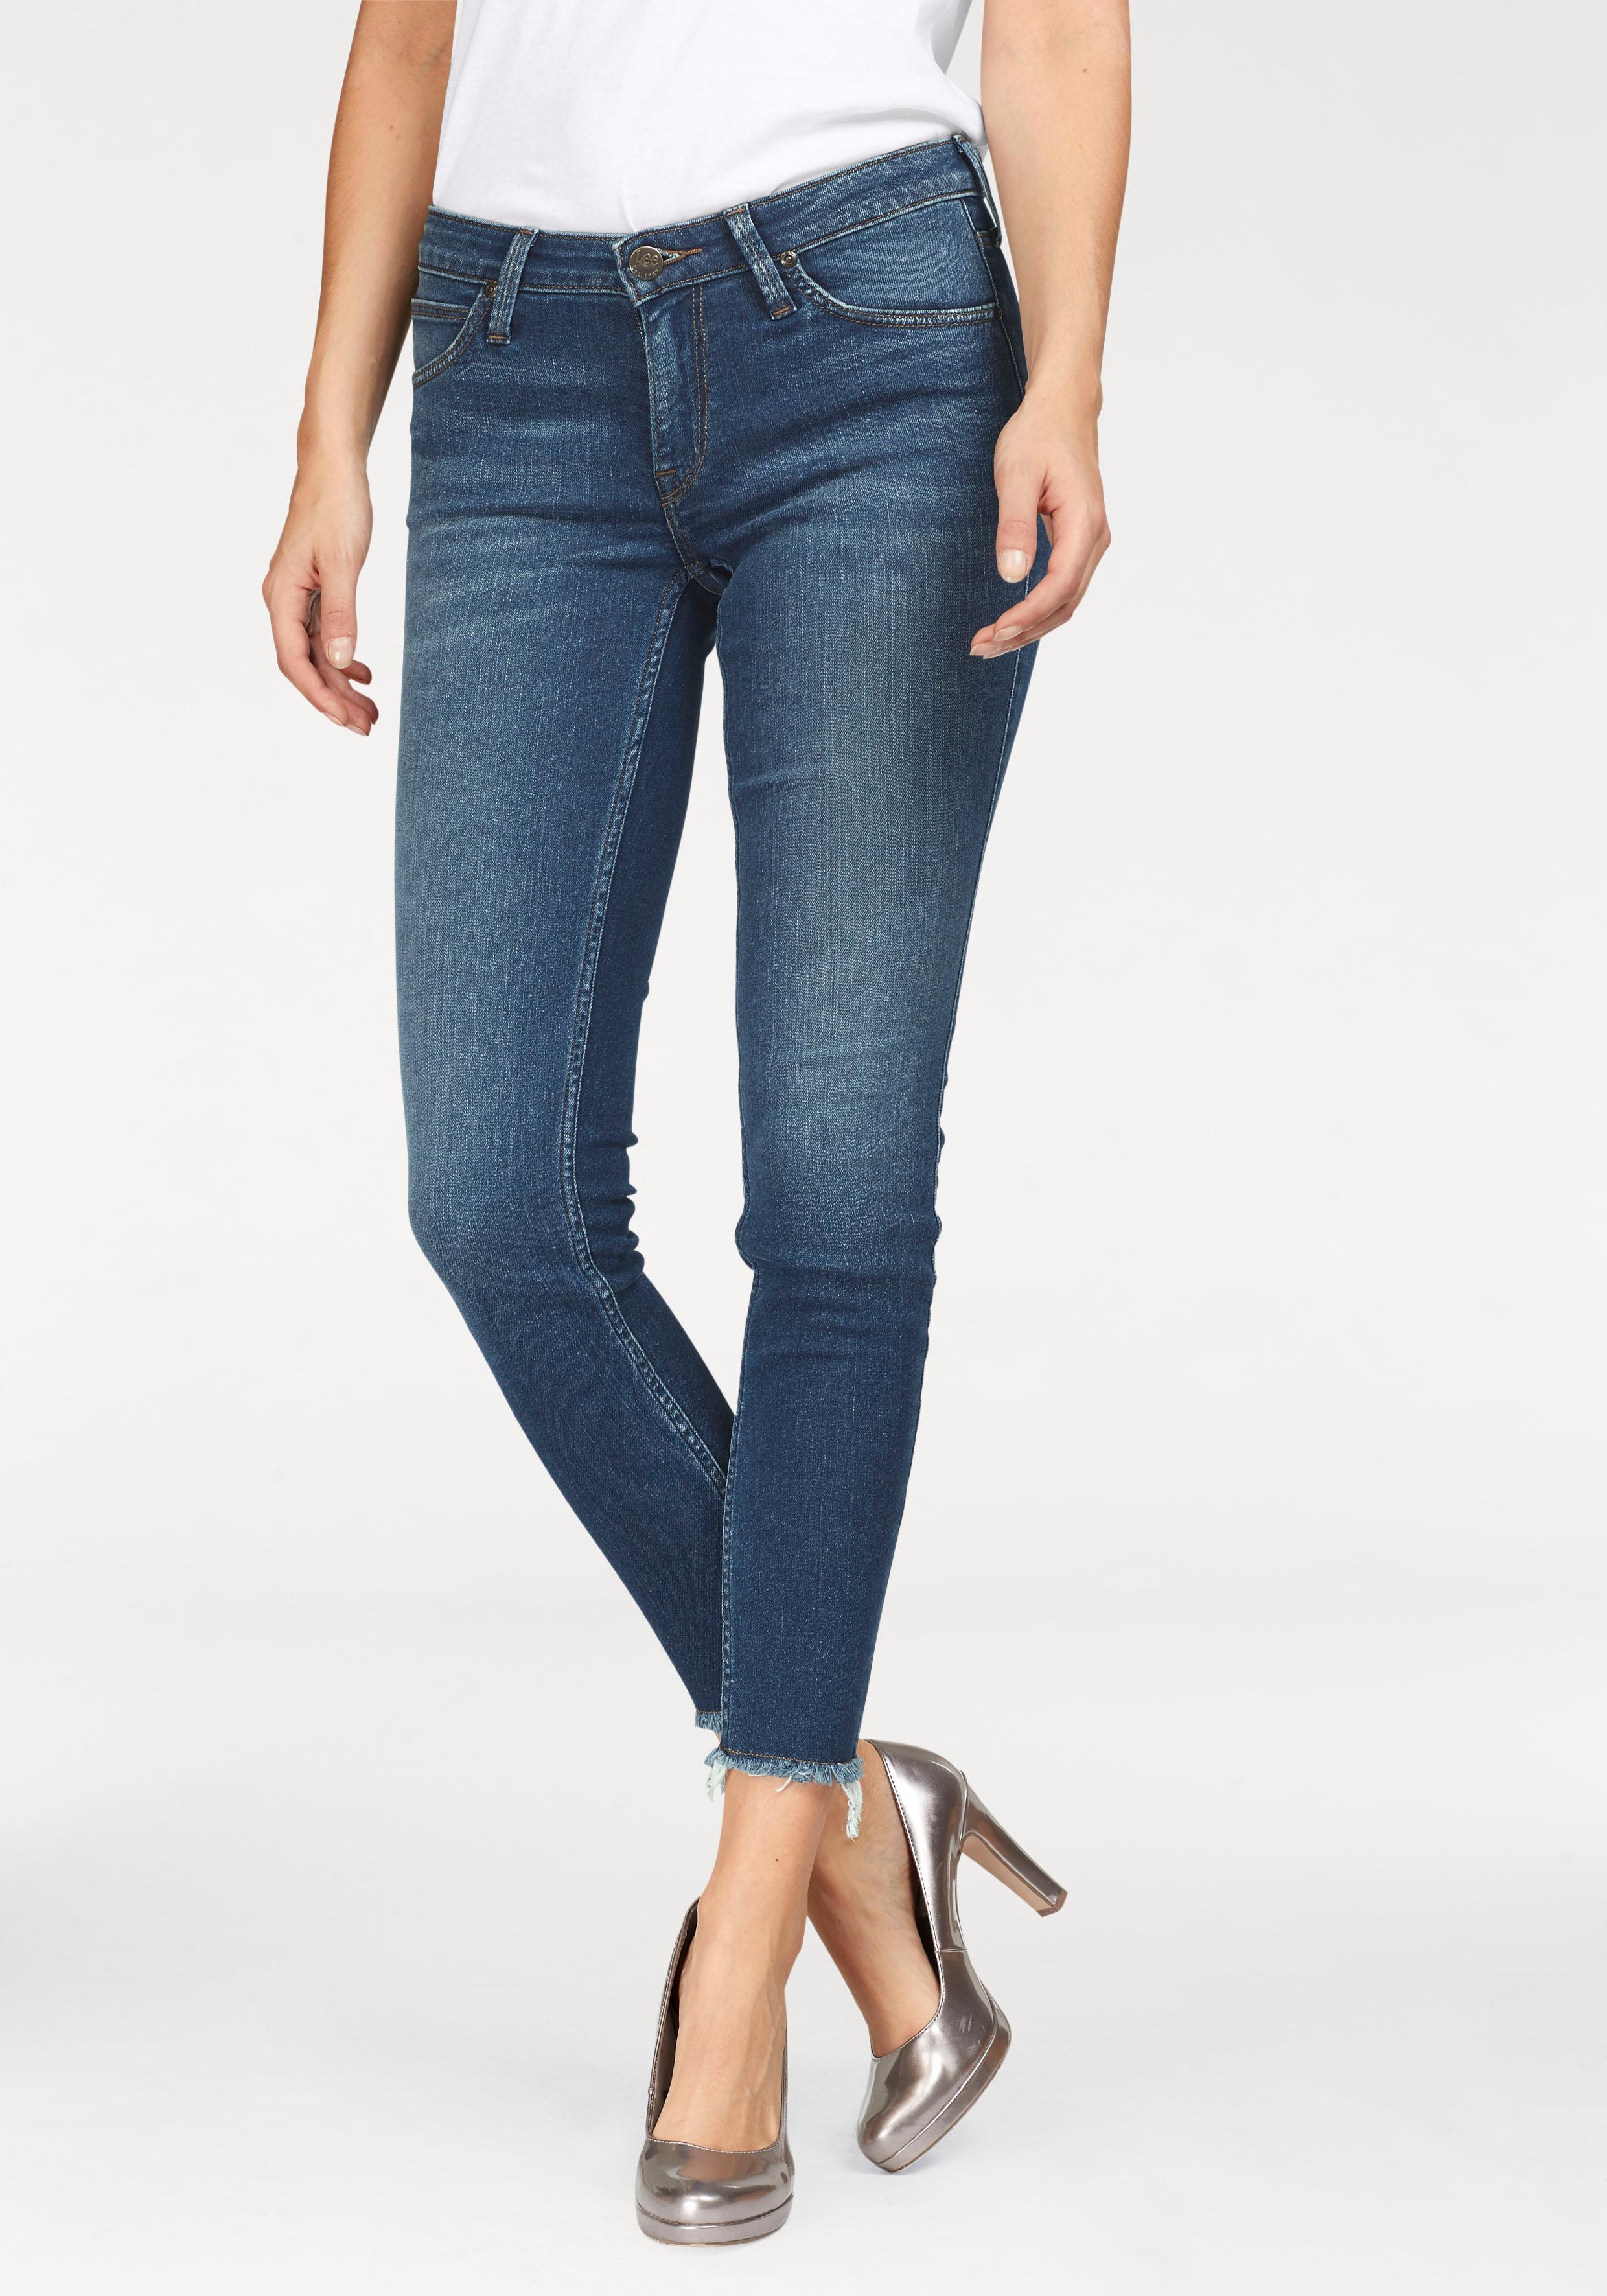 Image of Lee® Destroyed-Jeans »Scarlett«